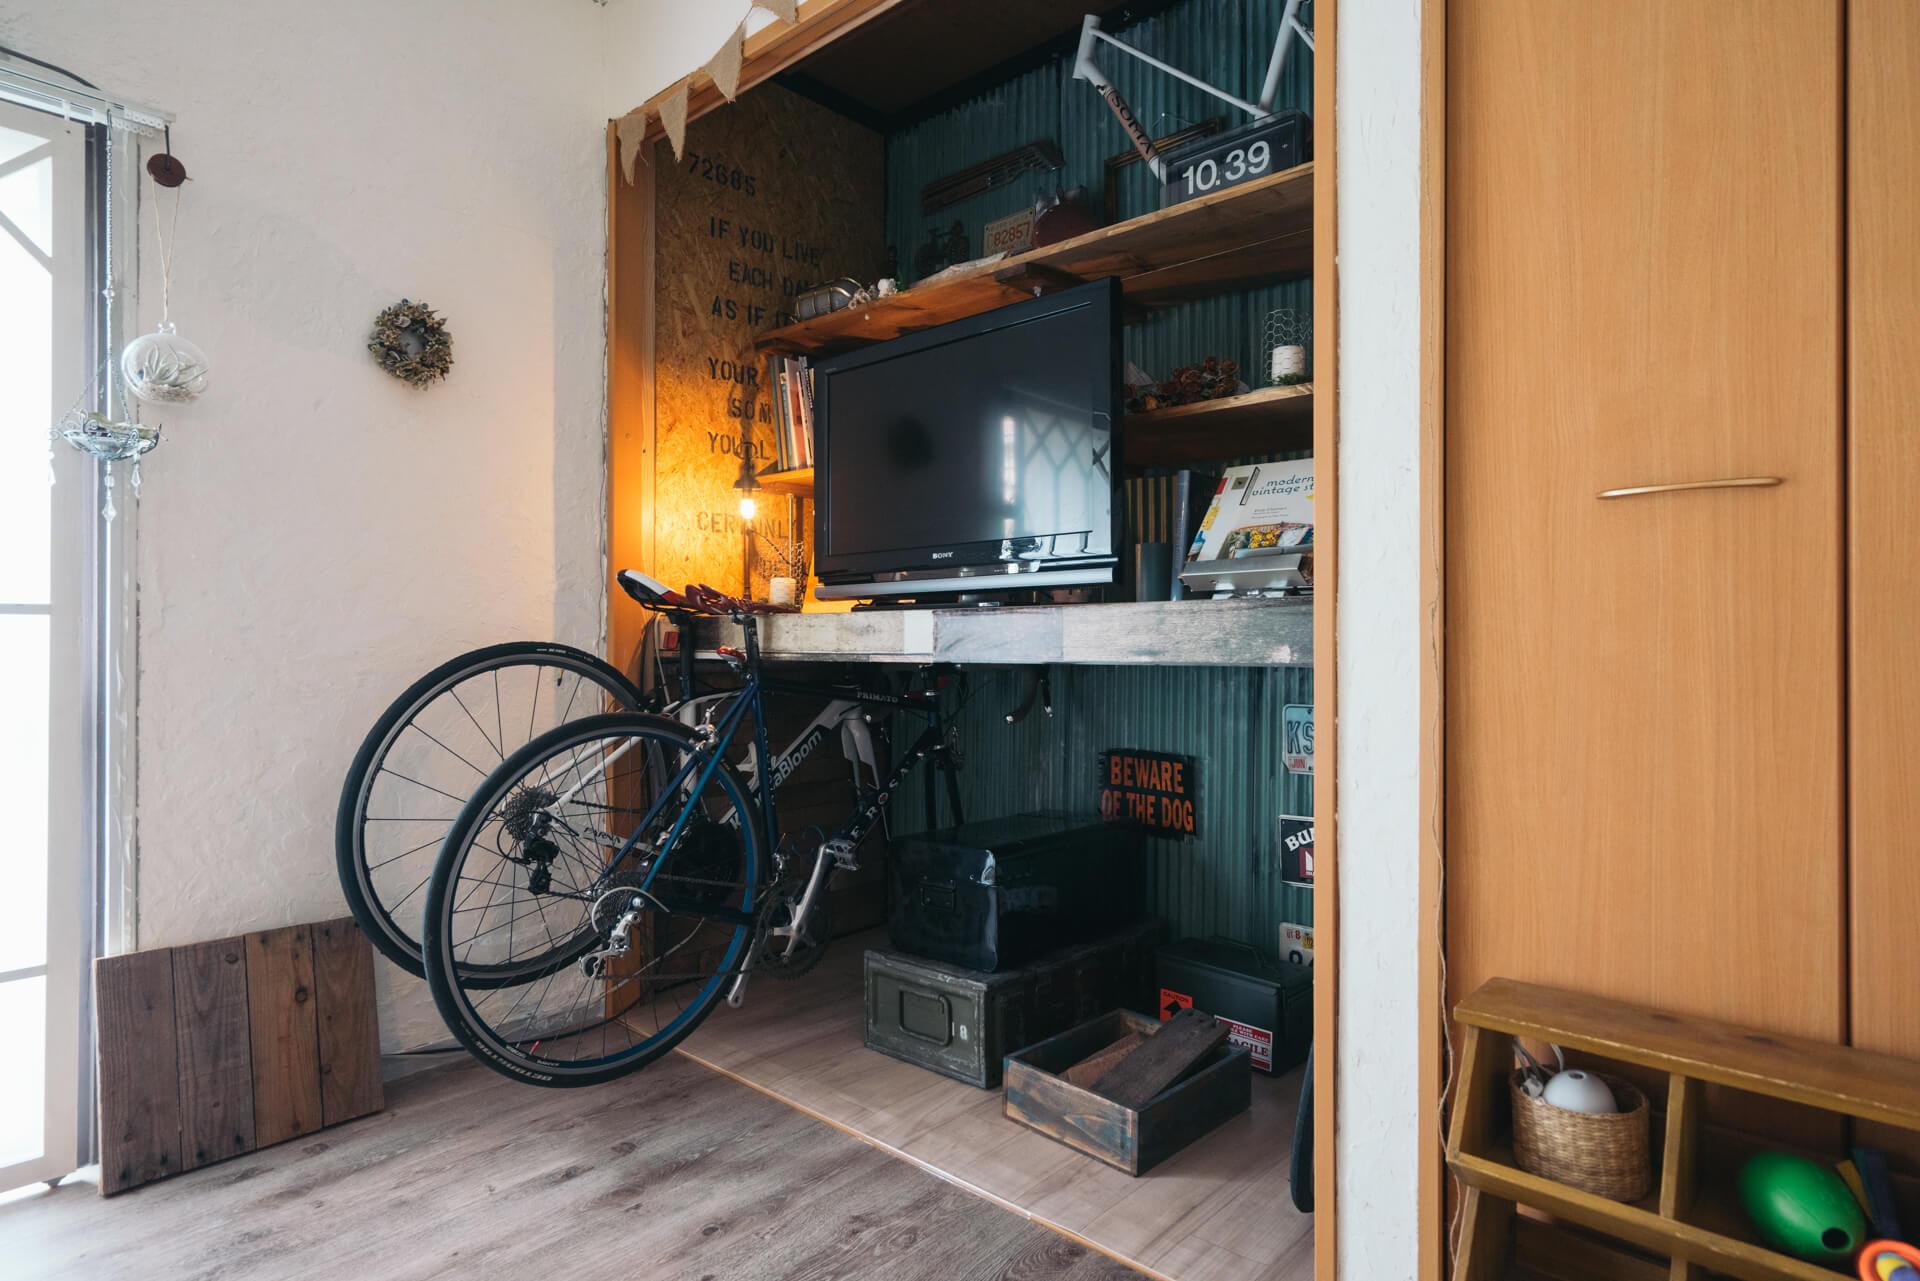 押入れも、襖をはずしてテレビ台に。お二人の自転車も収納されてますね!